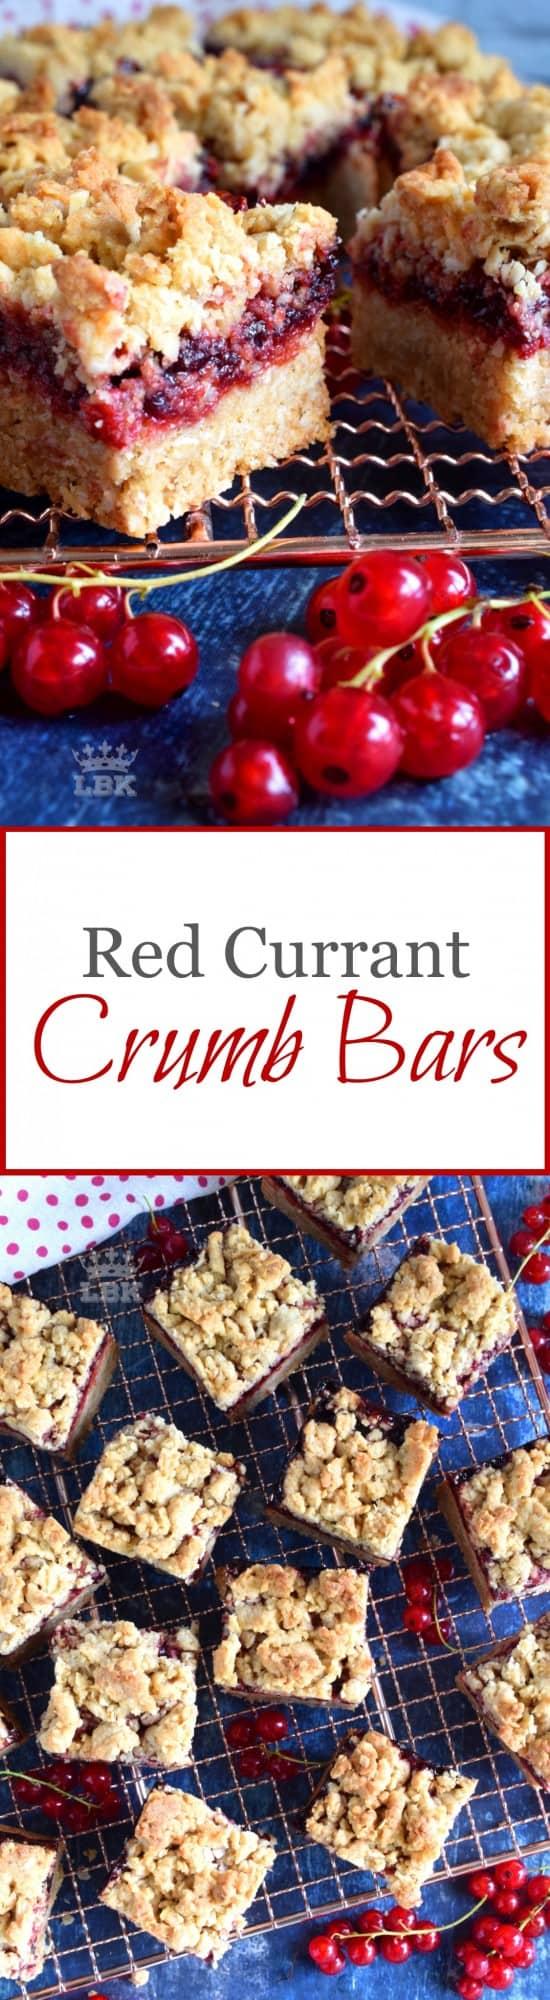 Red Currant Crumb Bars